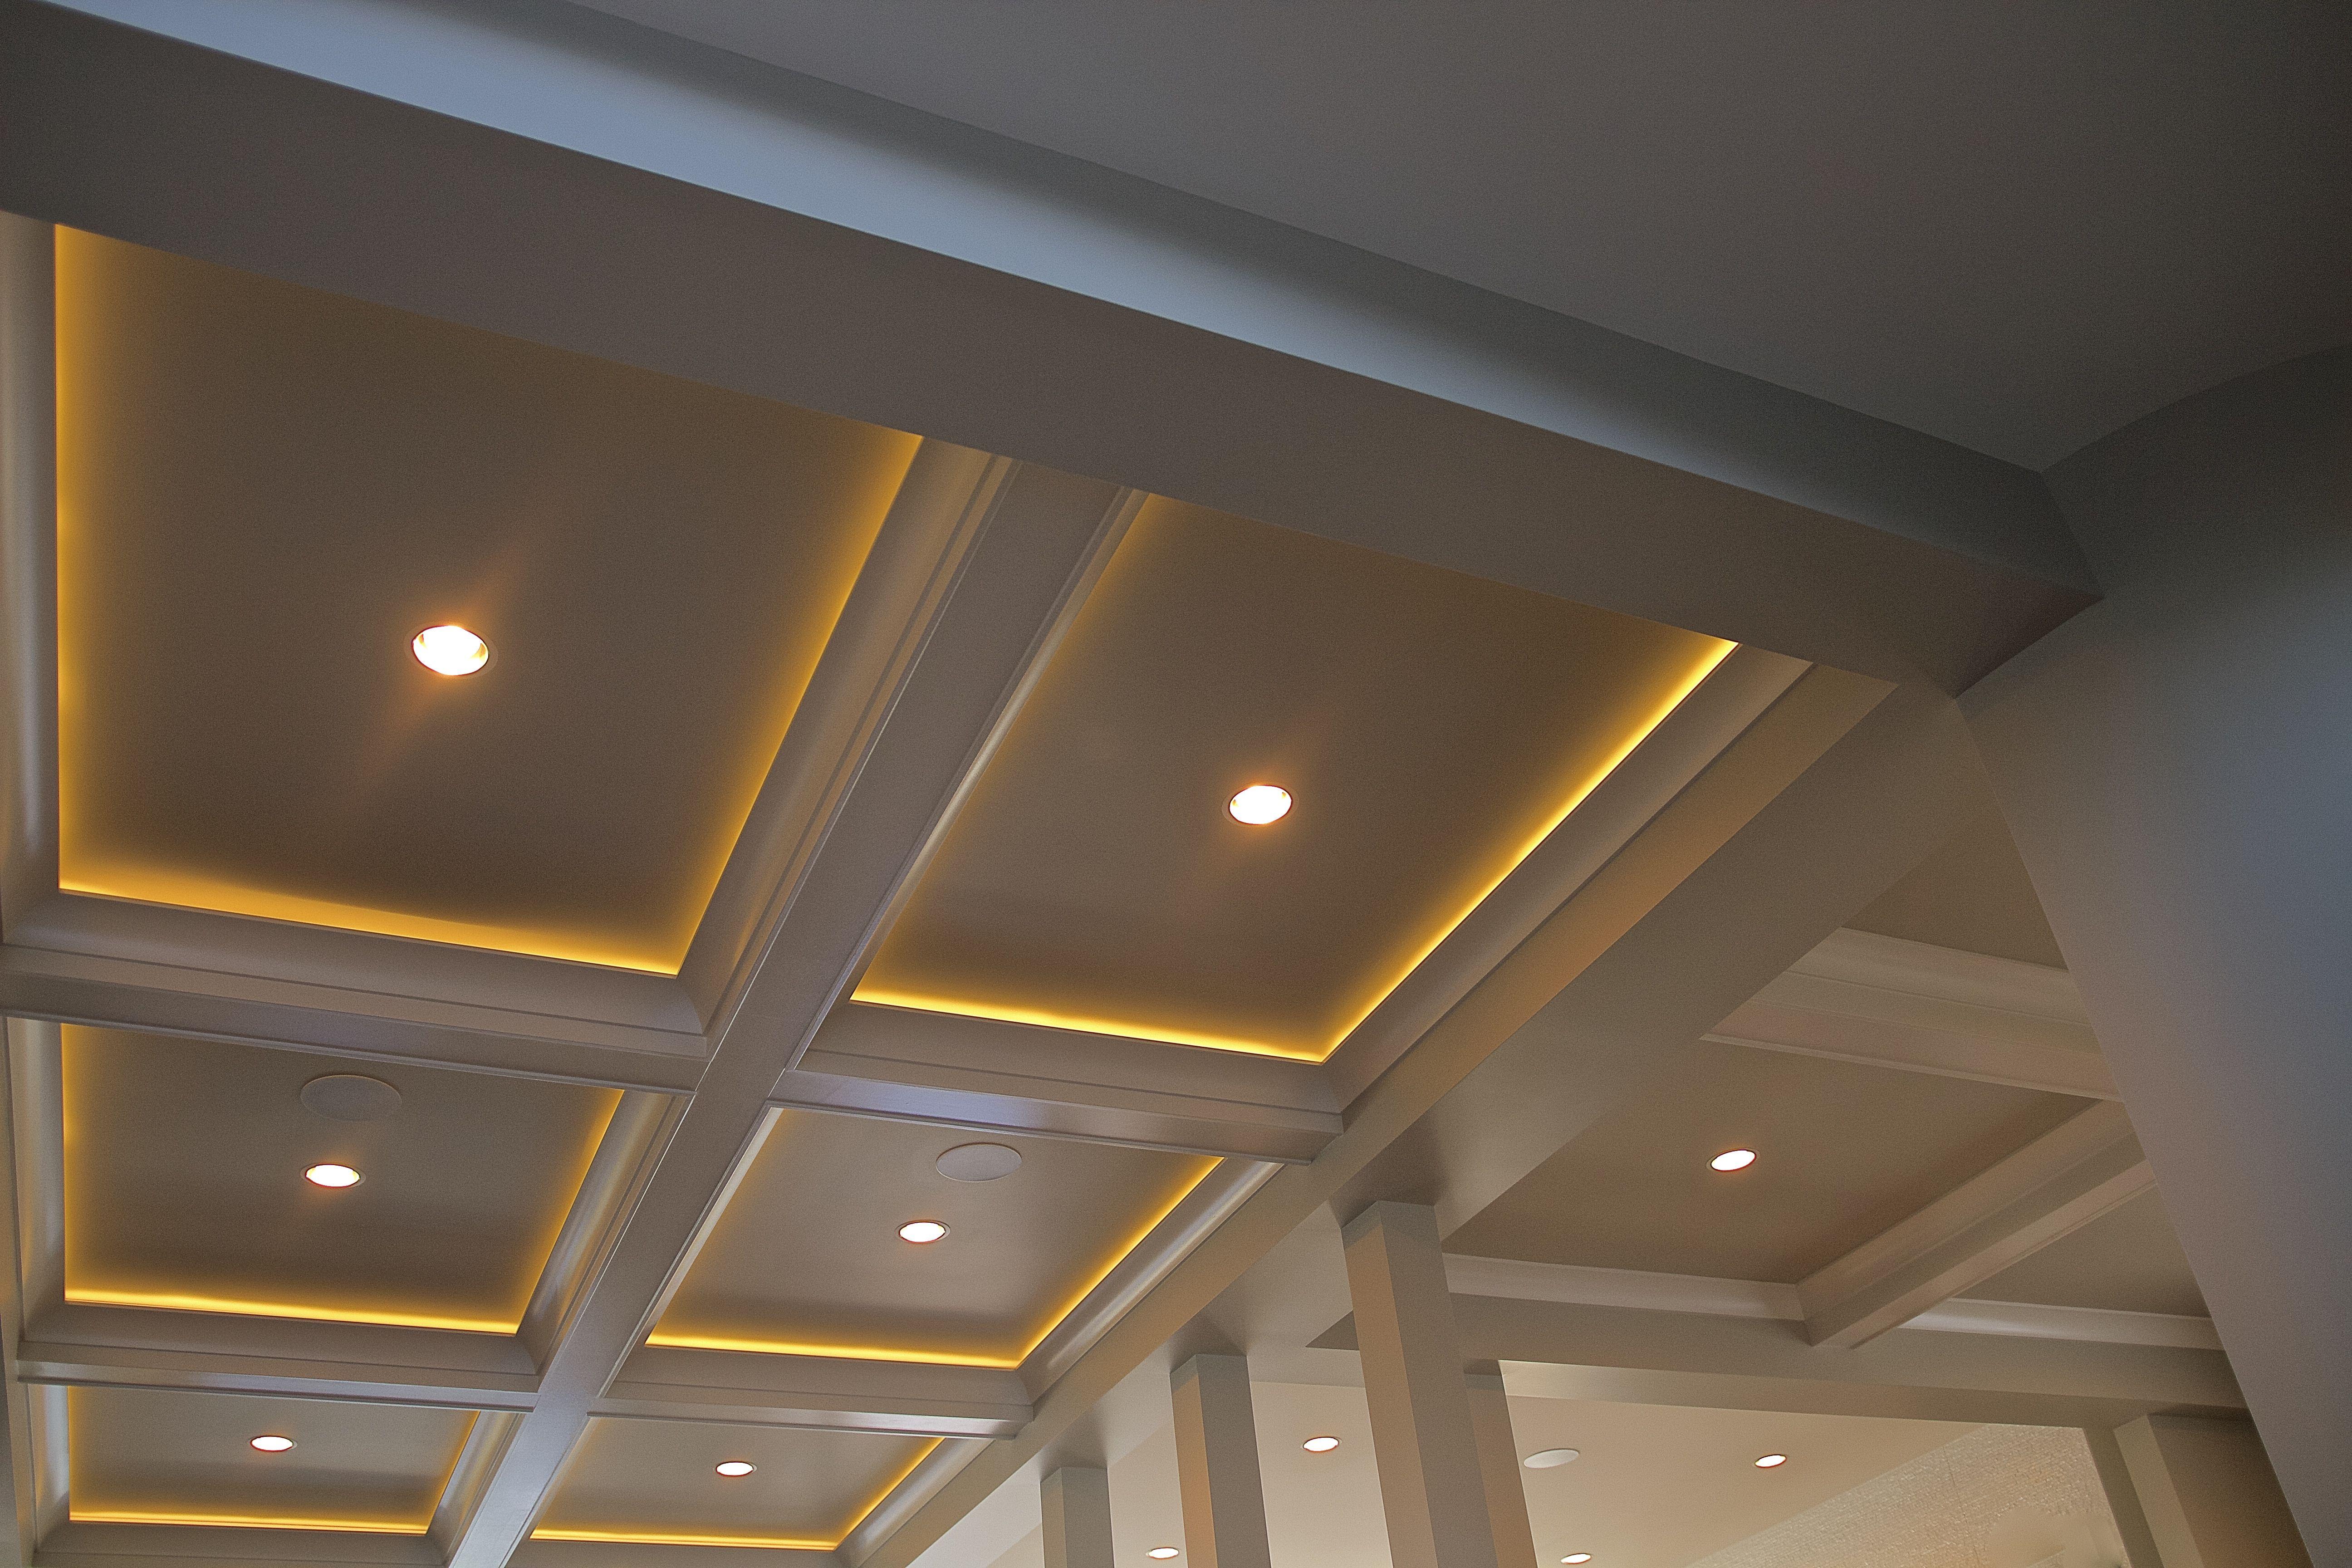 Iluminación de espacios interiores